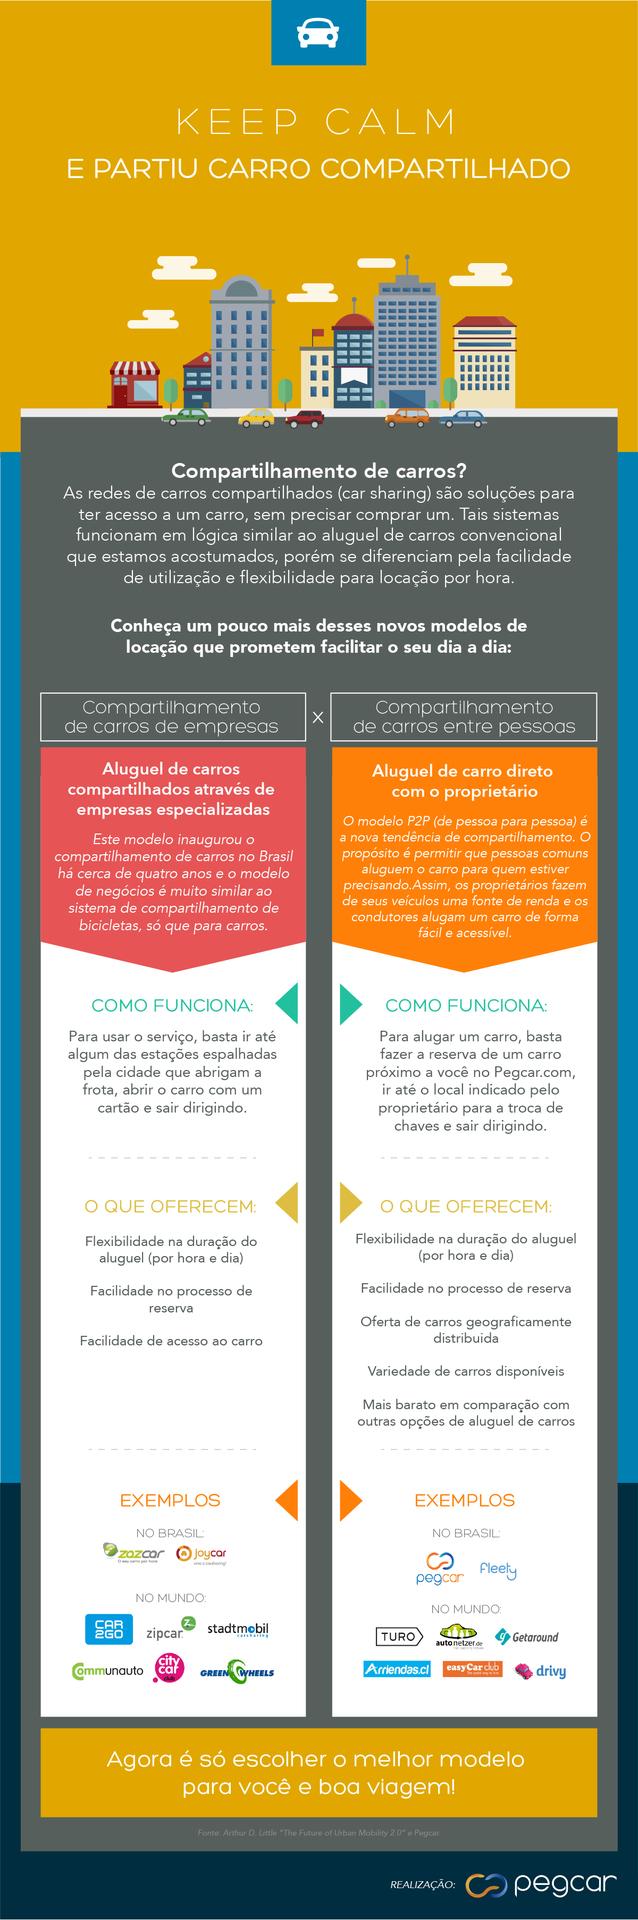 Infográfico_Compartilhamento_Carros